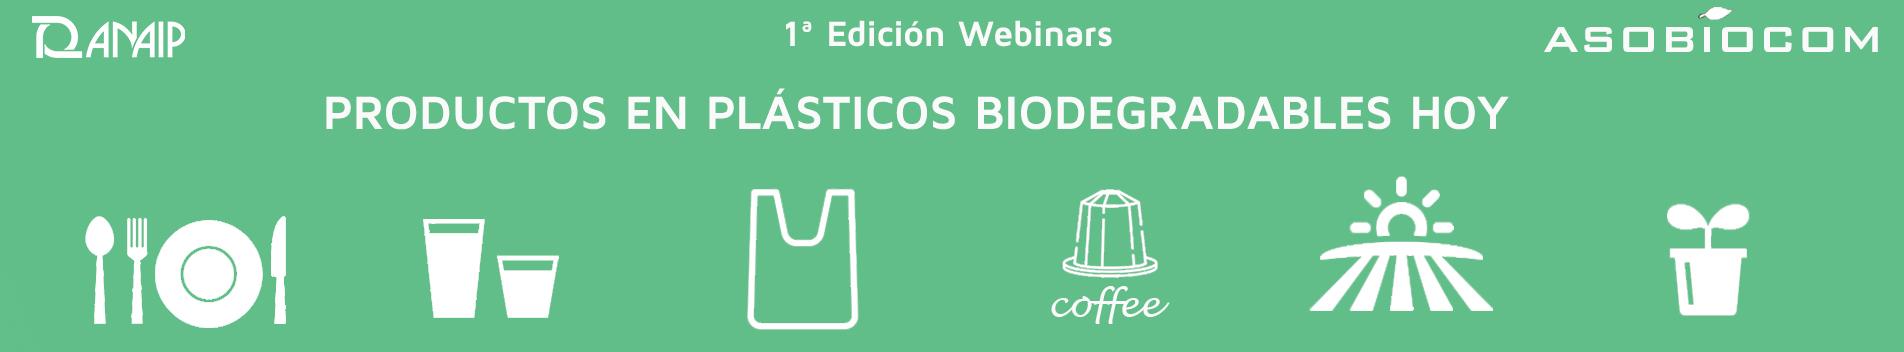 1ª Edición Serie de Webinars: Productos en Plásticos Biodegradables hoy